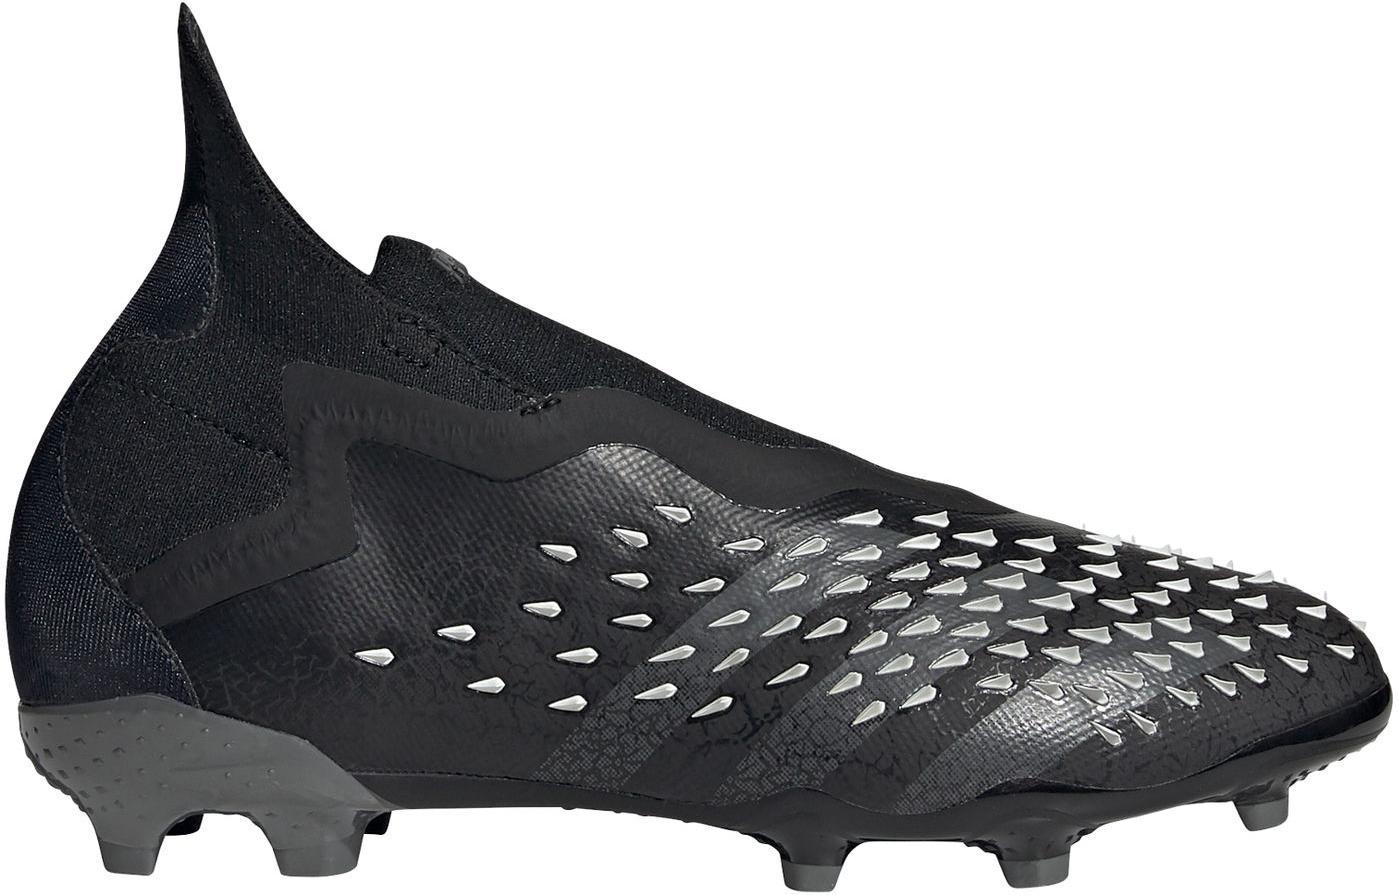 Kopačky adidas PREDATOR FREAK + FG J černá